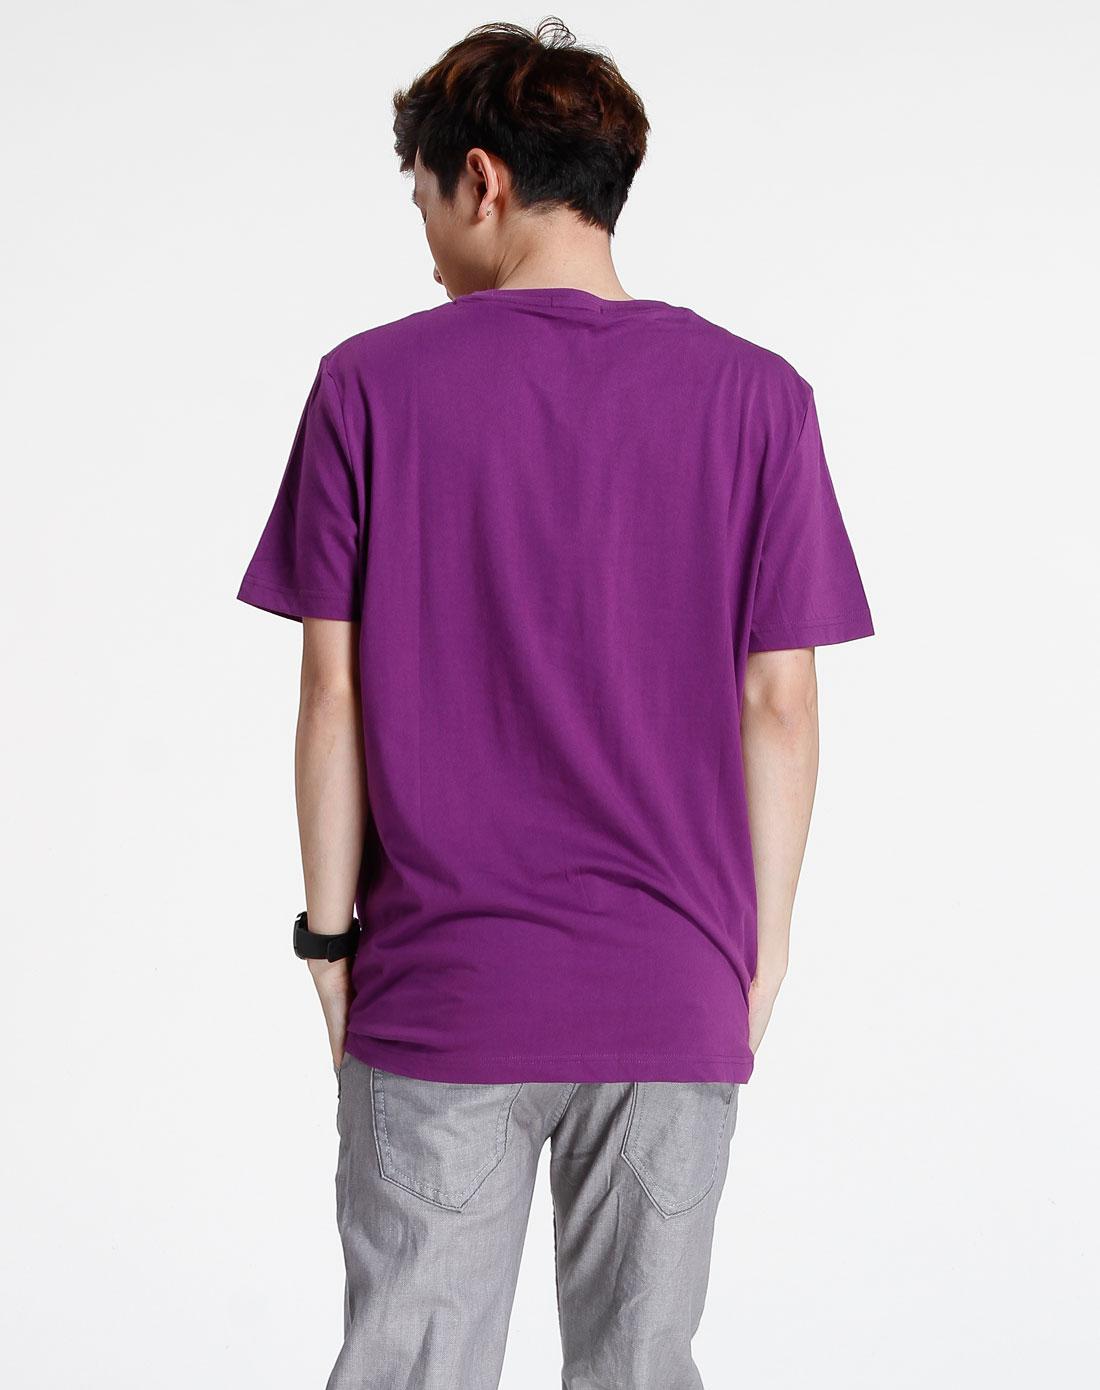 森马-男装紫色休闲印花短袖t恤002151541-722图片